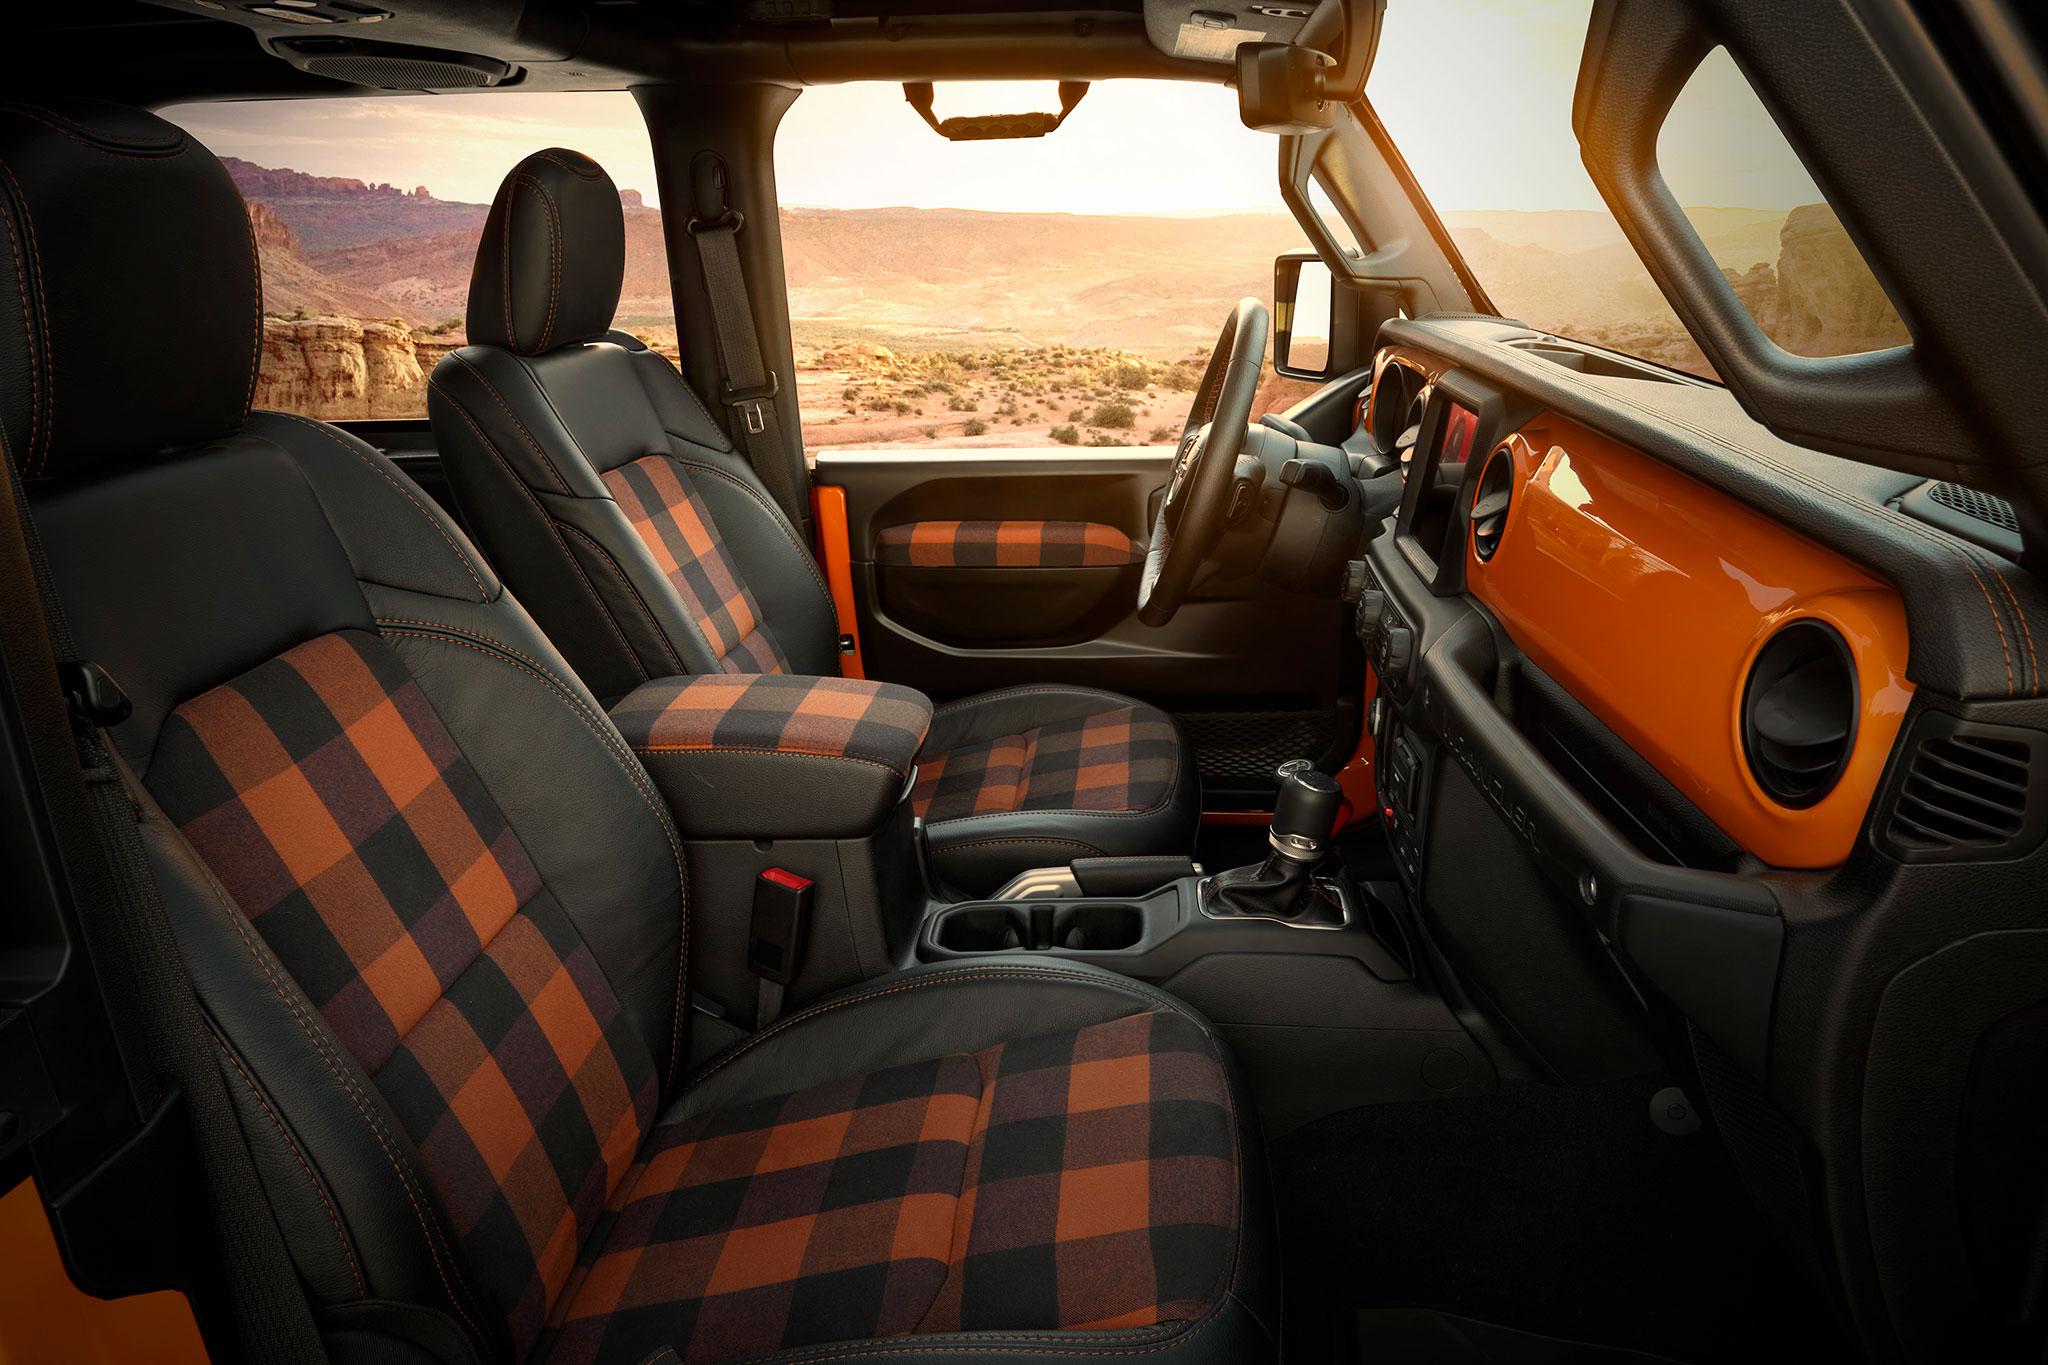 2021 Jeep Wrangler 2-Door Orange Peelz intérieur assorti à la couleur de la carrosserie - Concept Cars de Jeep®.